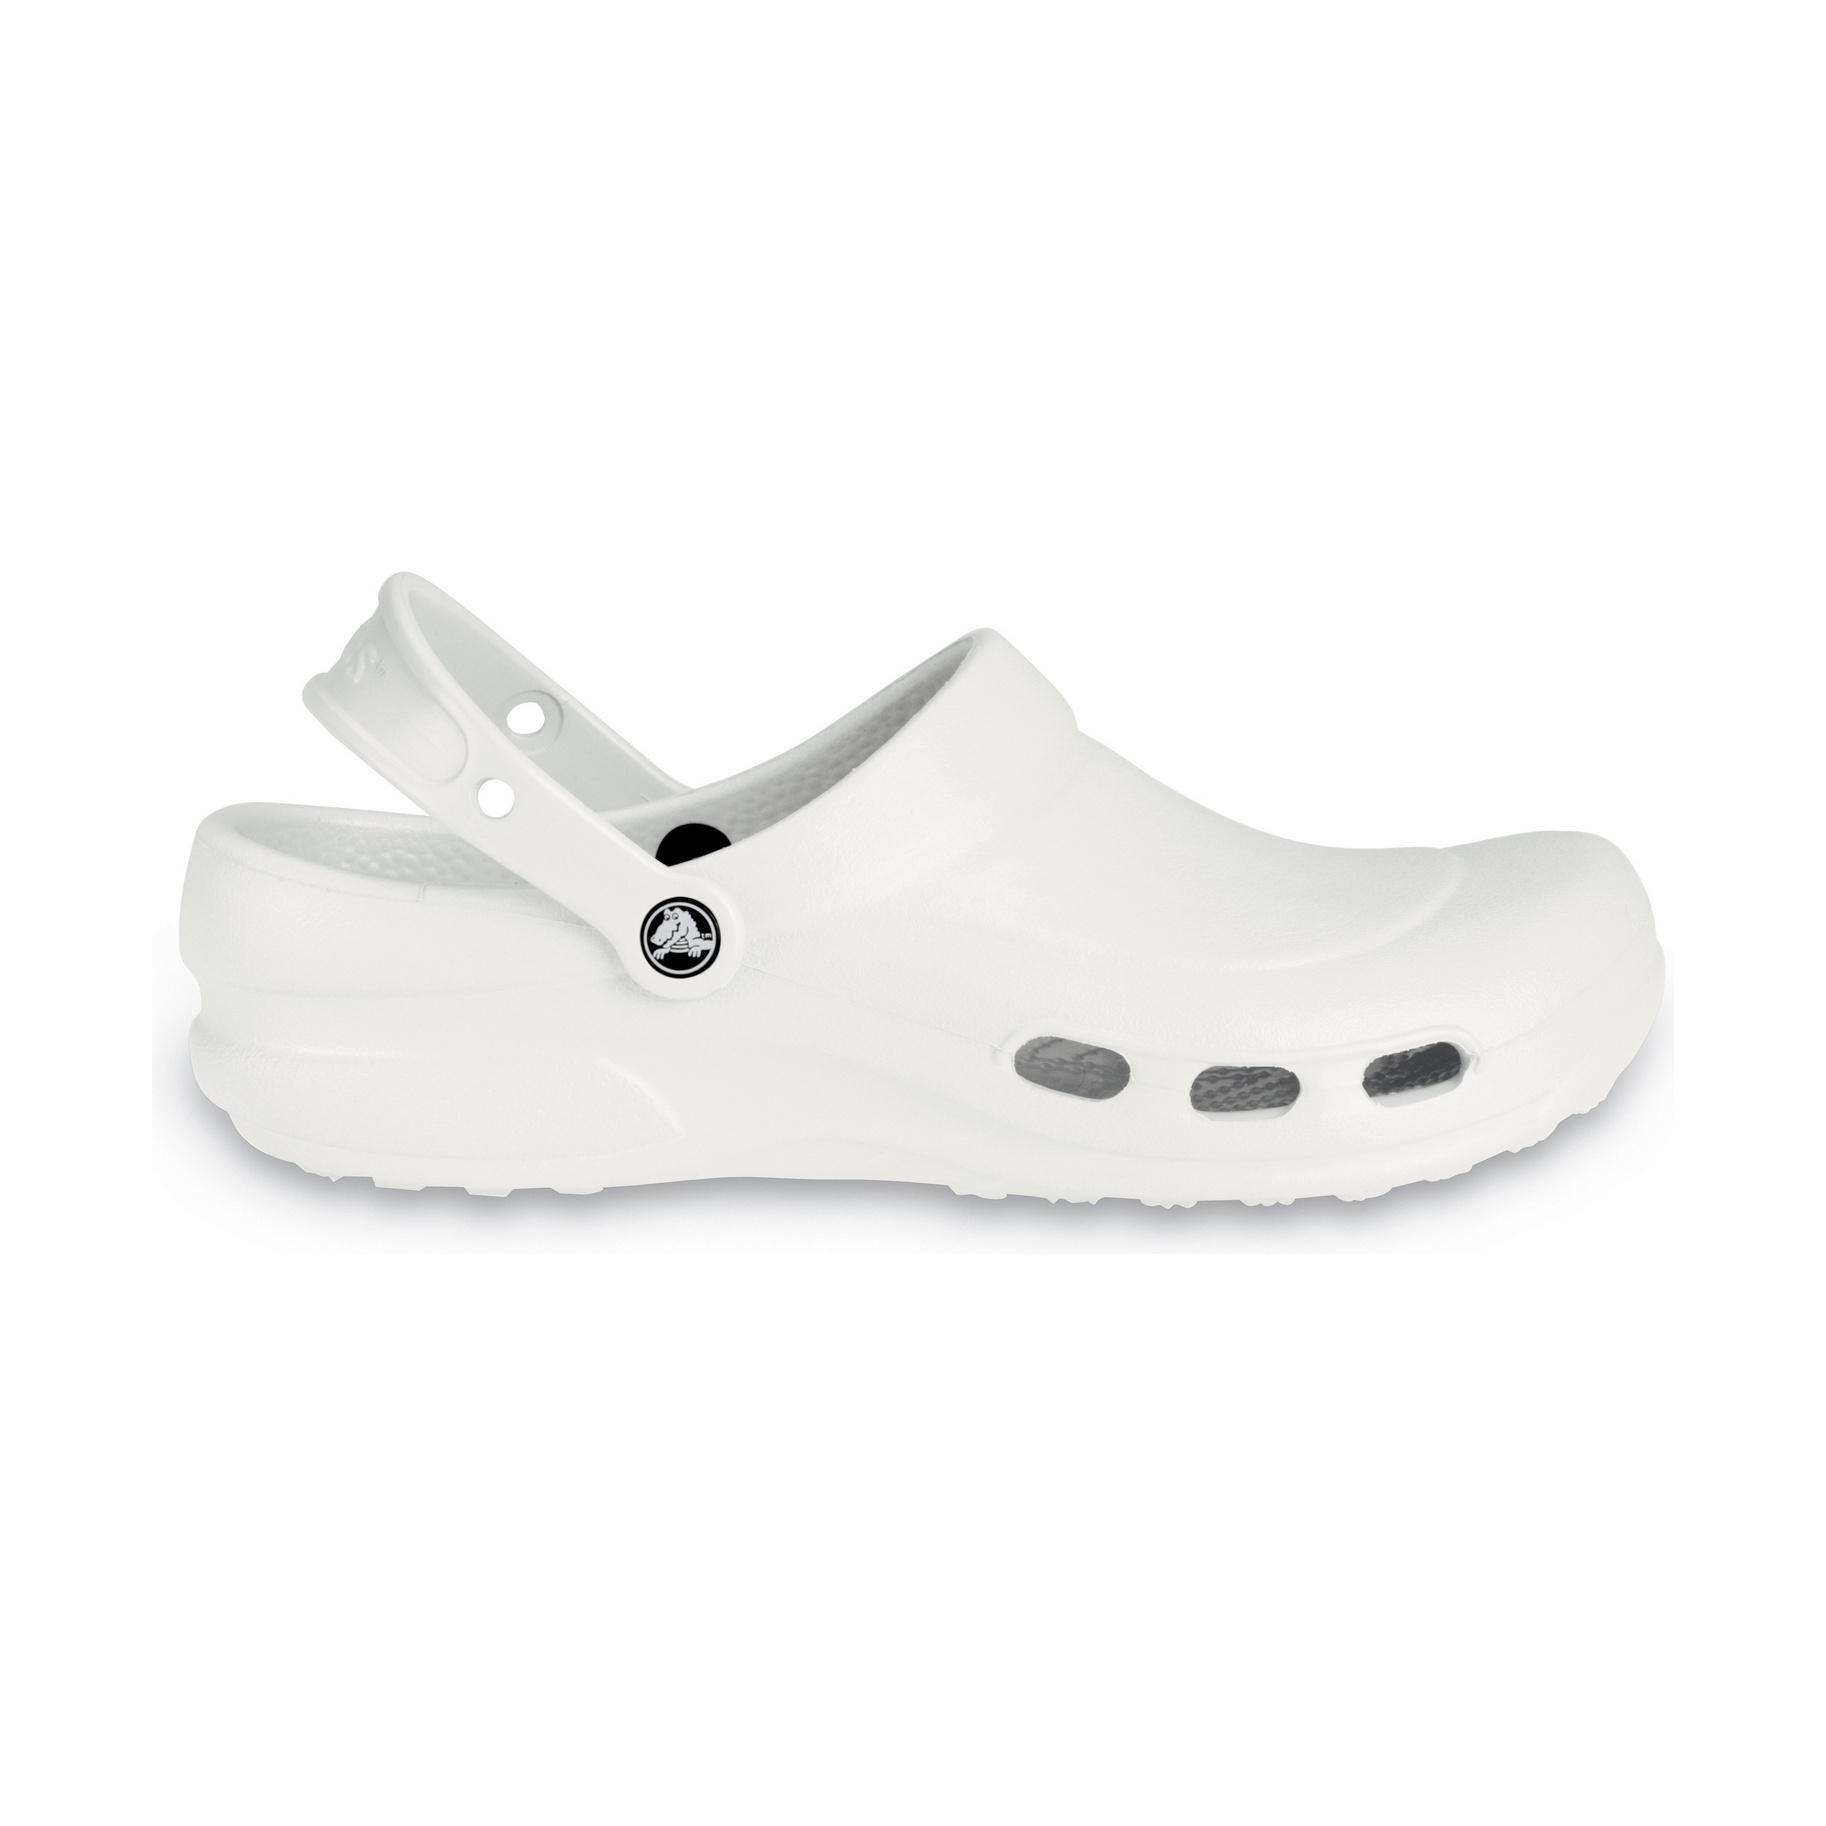 Crocs Unisex Specialist Vent Work Clogs